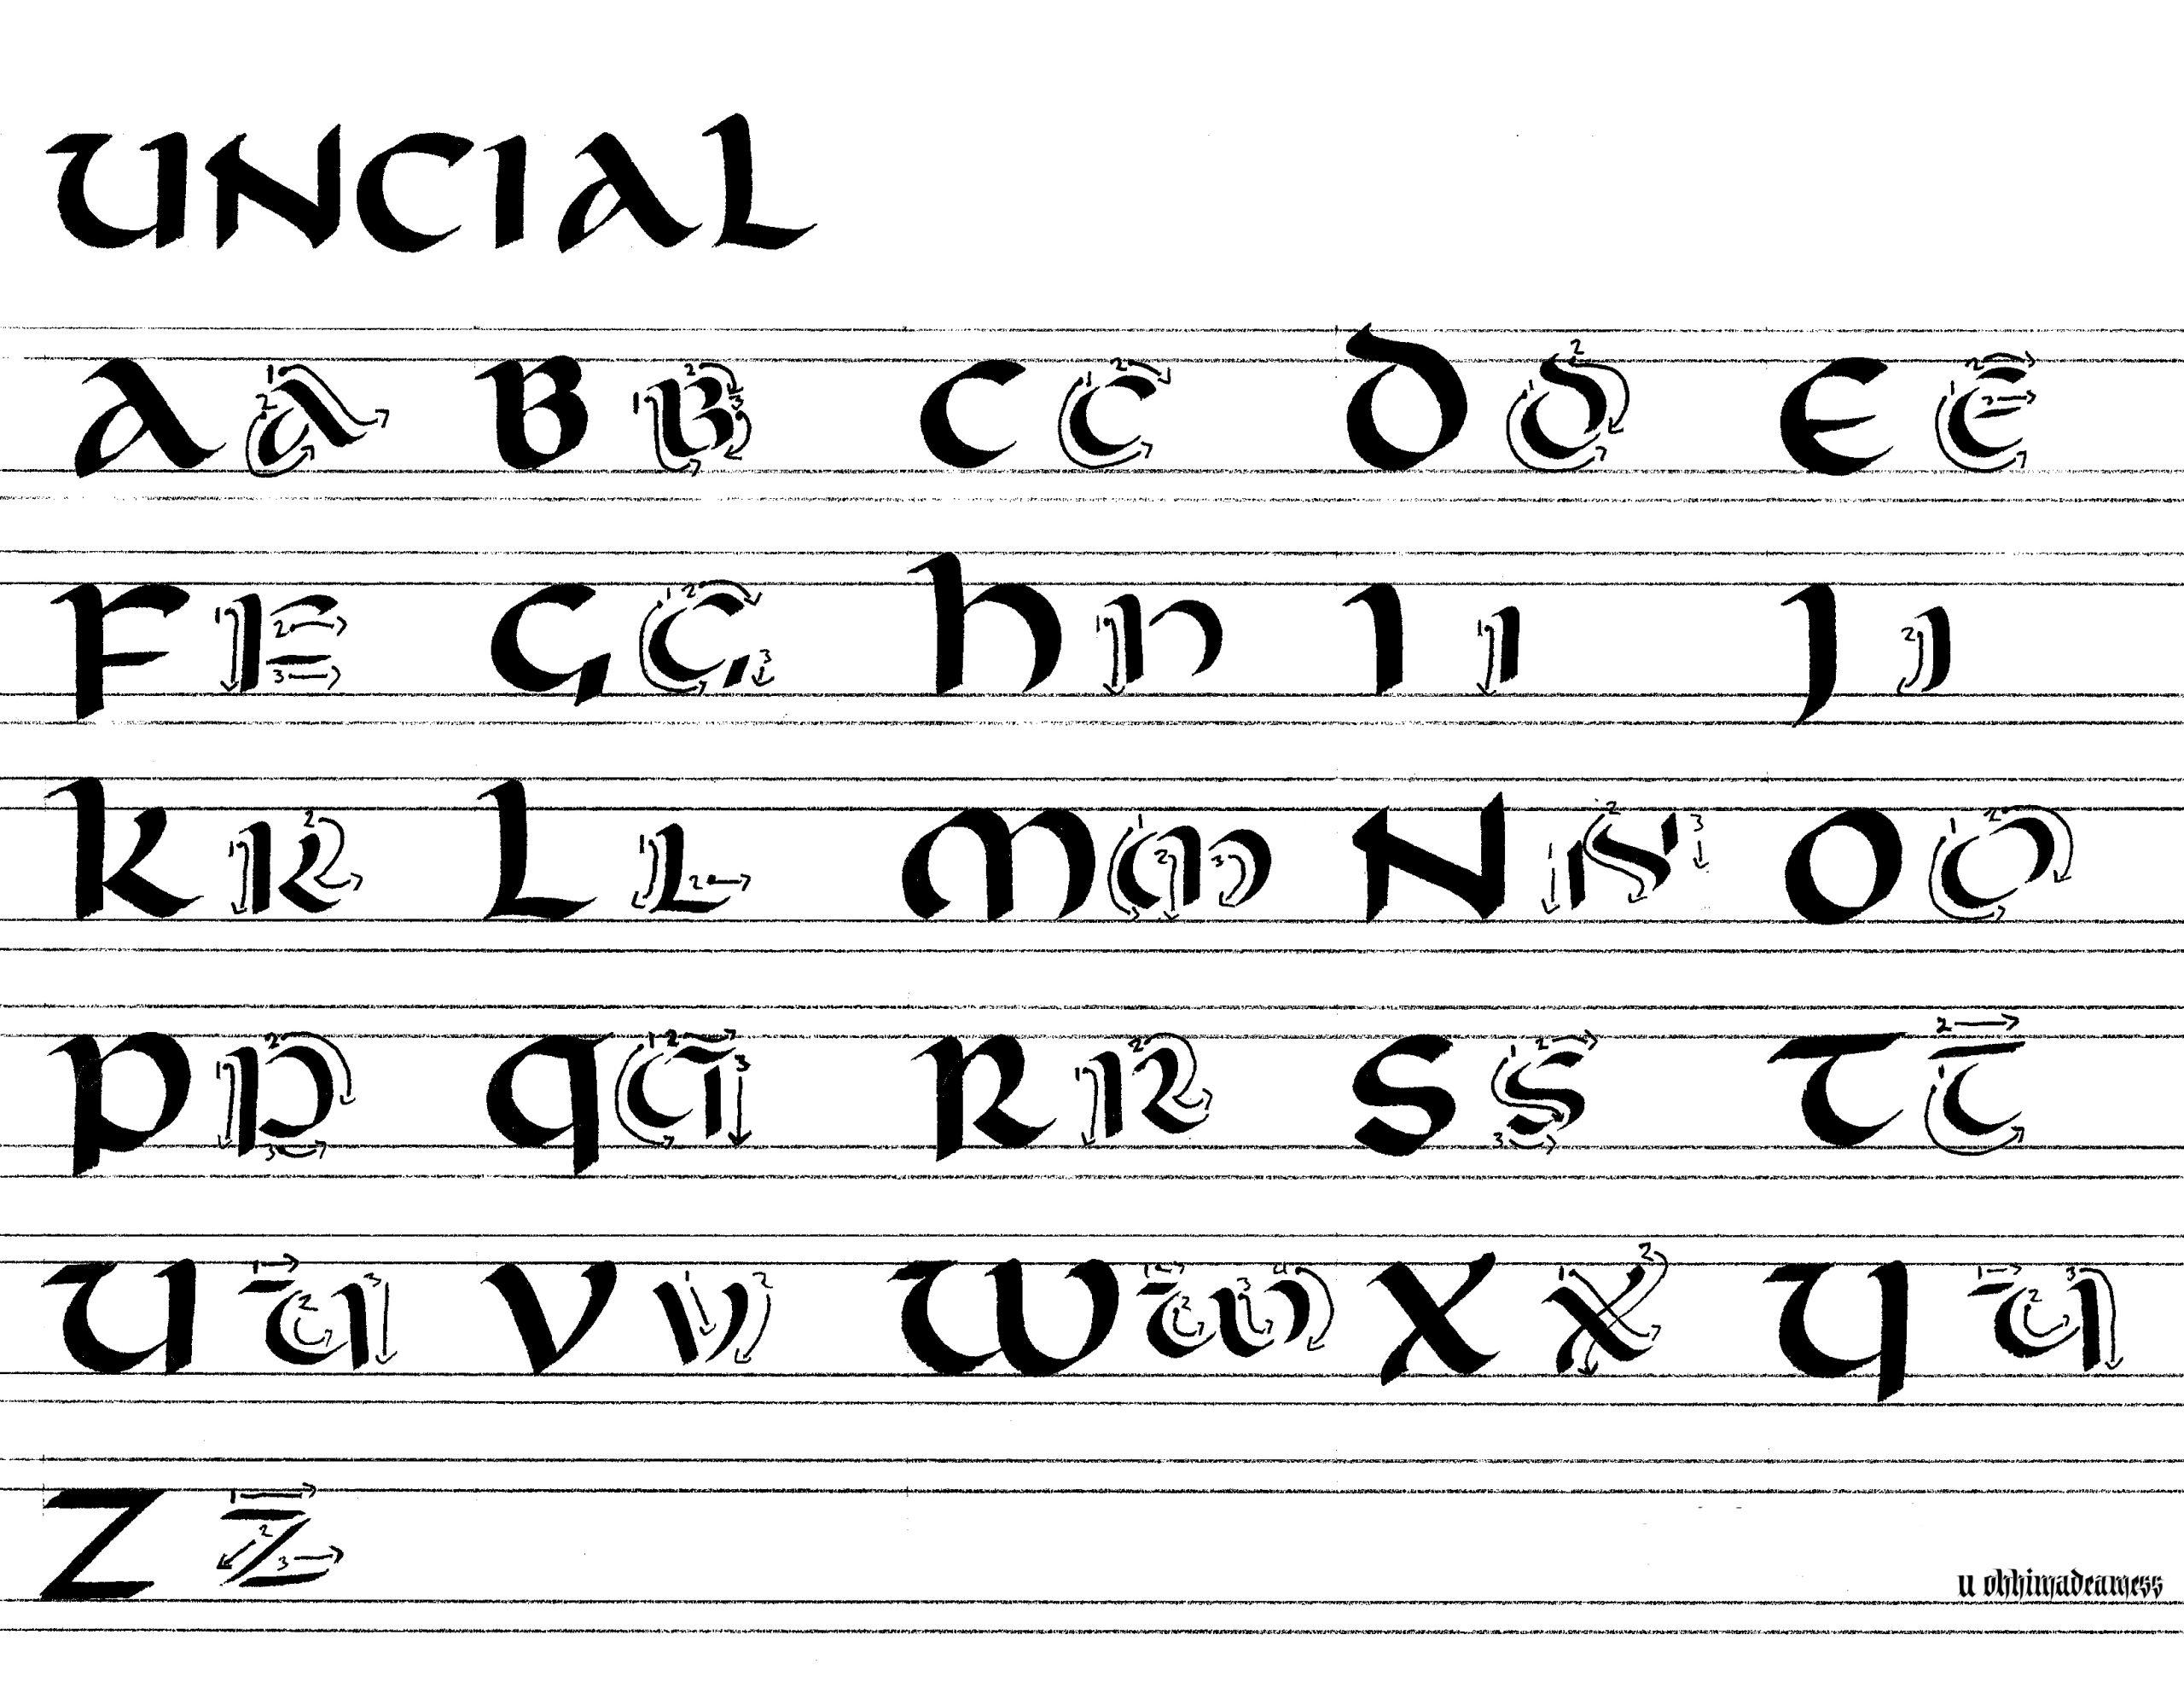 Study Sessions - Uncial - Part 2 - Majuscule : Calligraphy serapportantà Majuscule Script